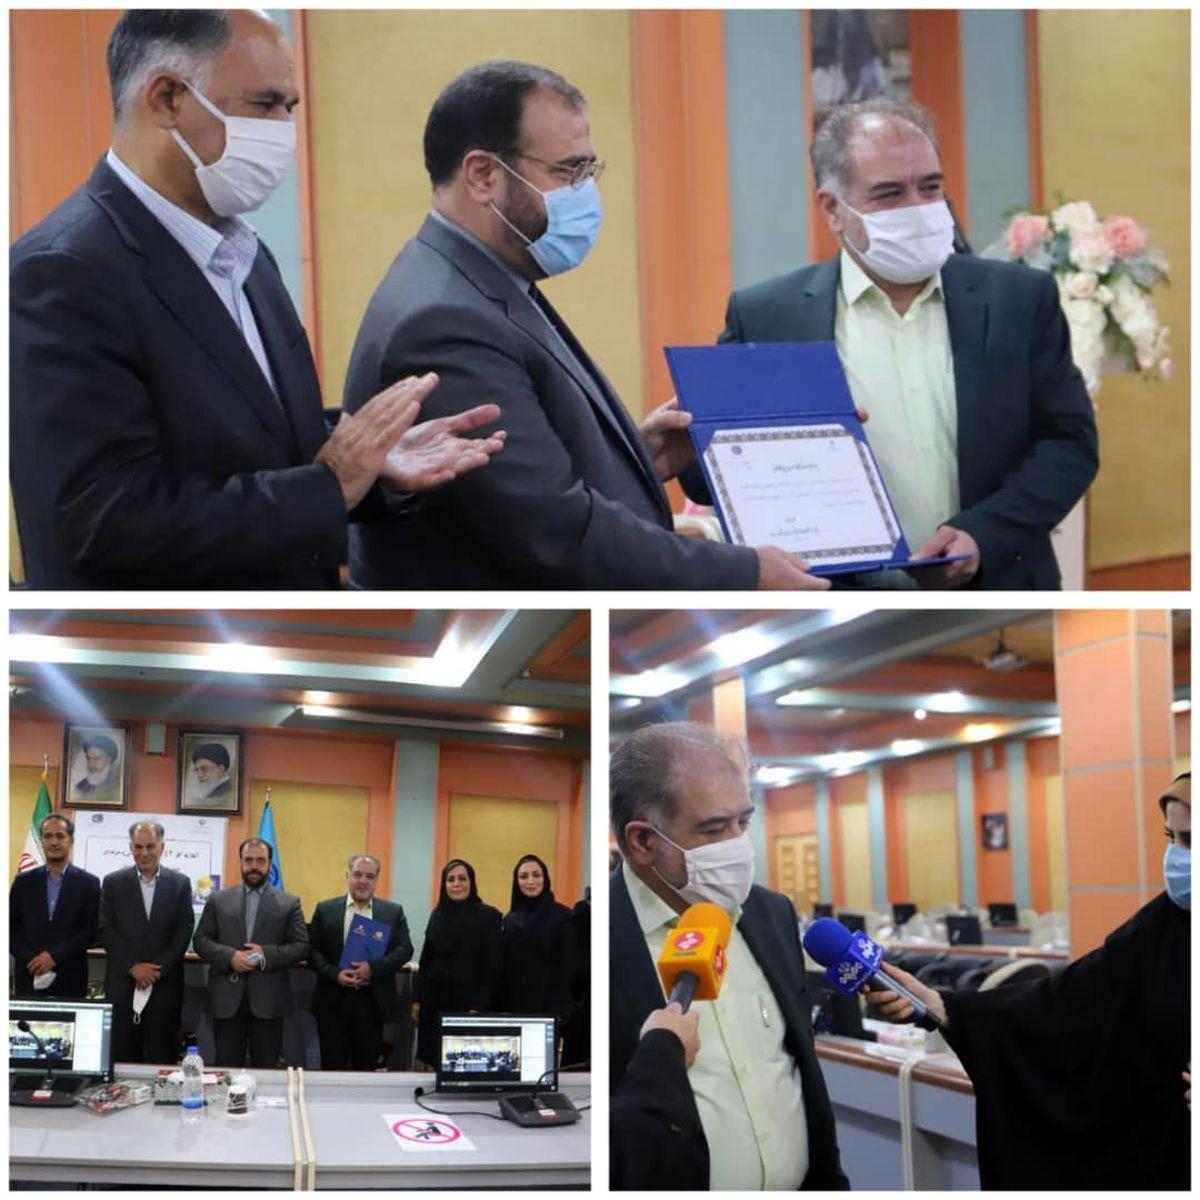 پگاه تهران پروانه بهره برداری مرکز آموزش را دریافت کرد